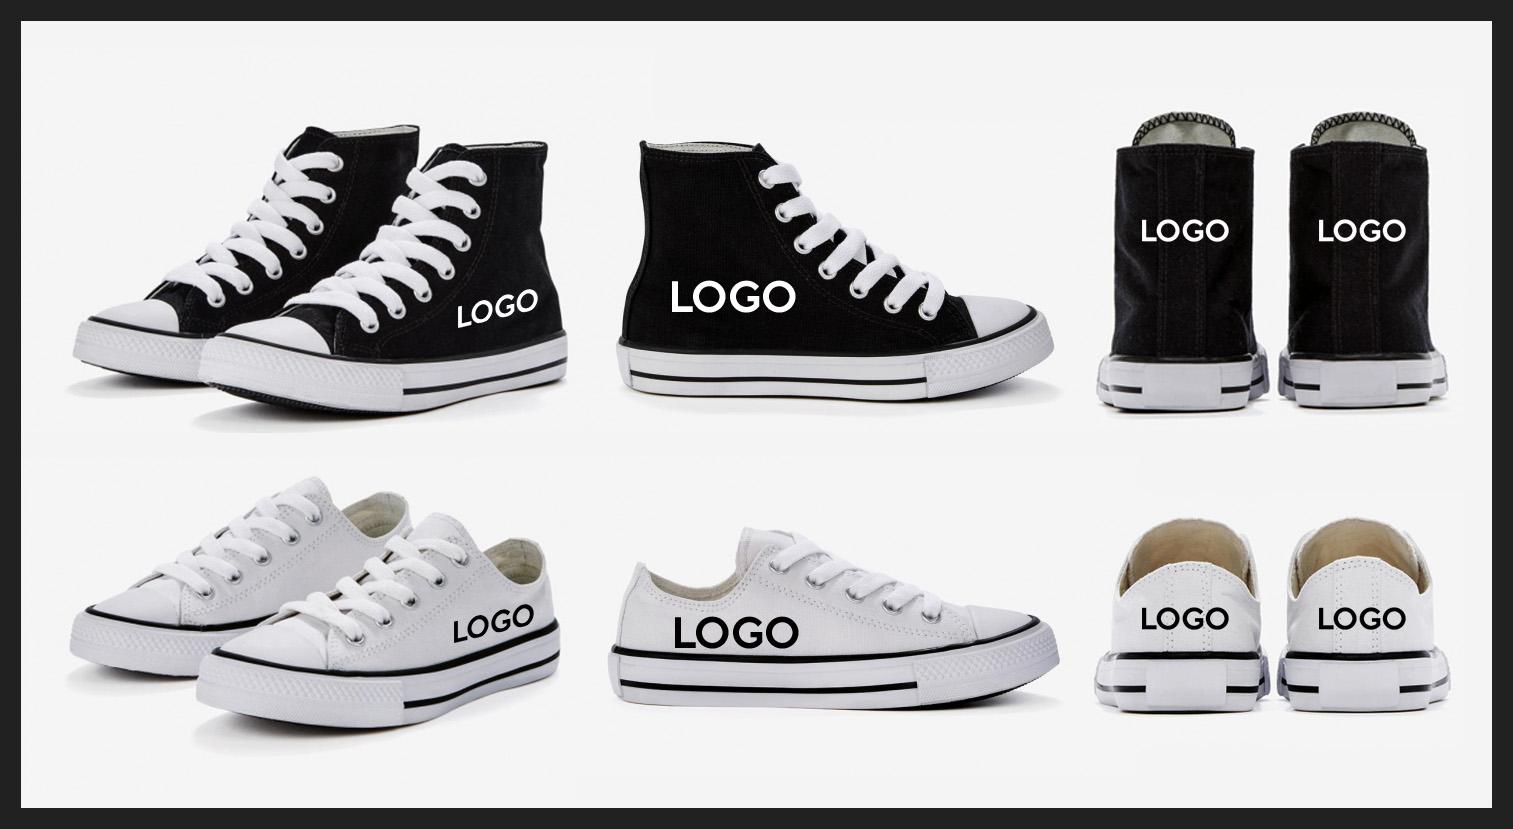 Différents modèles de chaussures en coton personnalisables avec logo